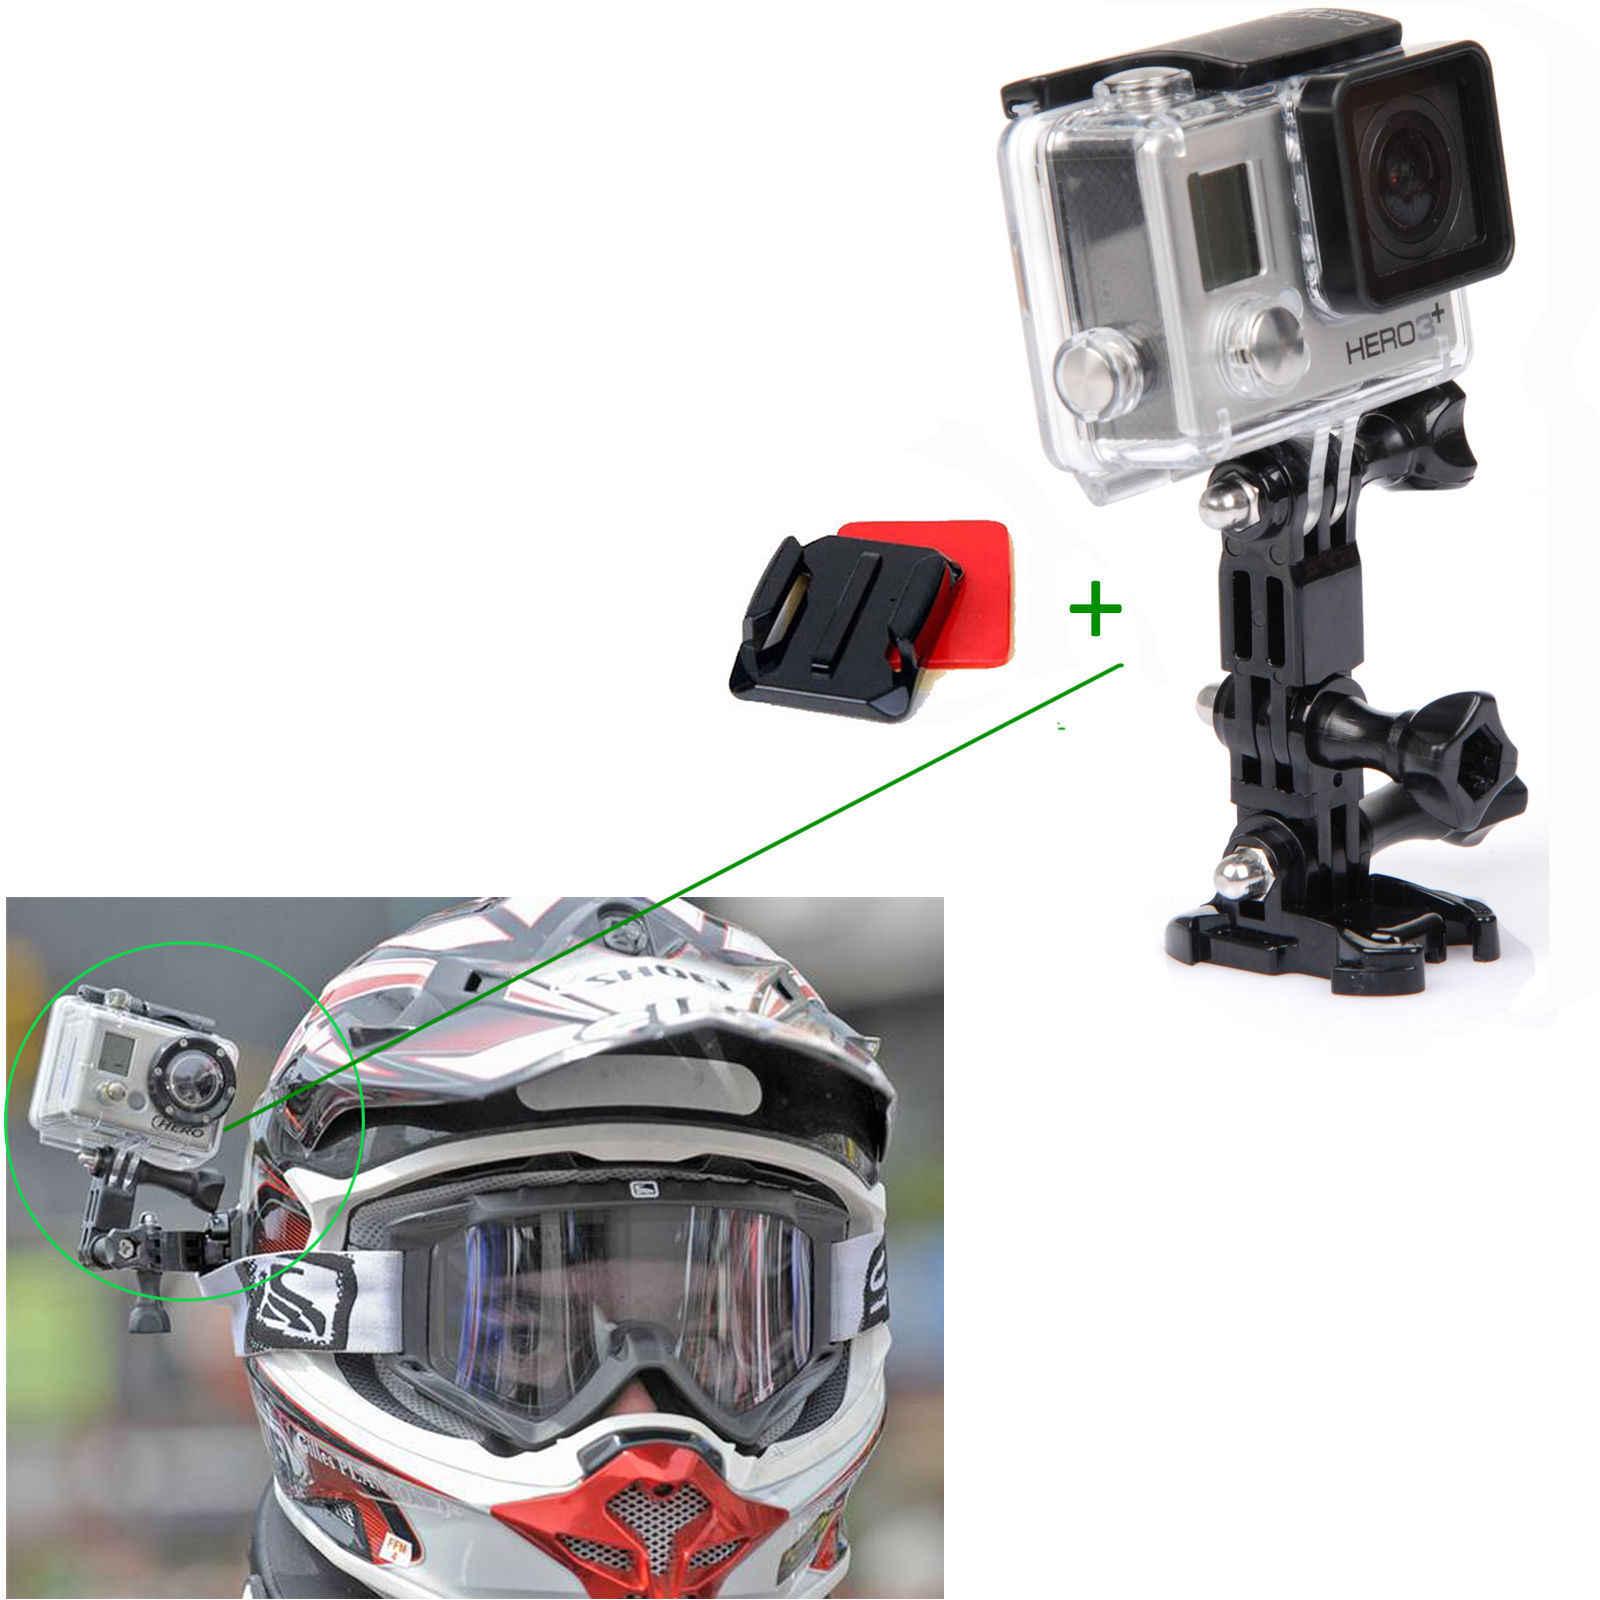 Камера аксессуары мотоциклетные набор шлемов для Gopro4 3 + Совместимость с SJ4000 Xiaoyi Камера